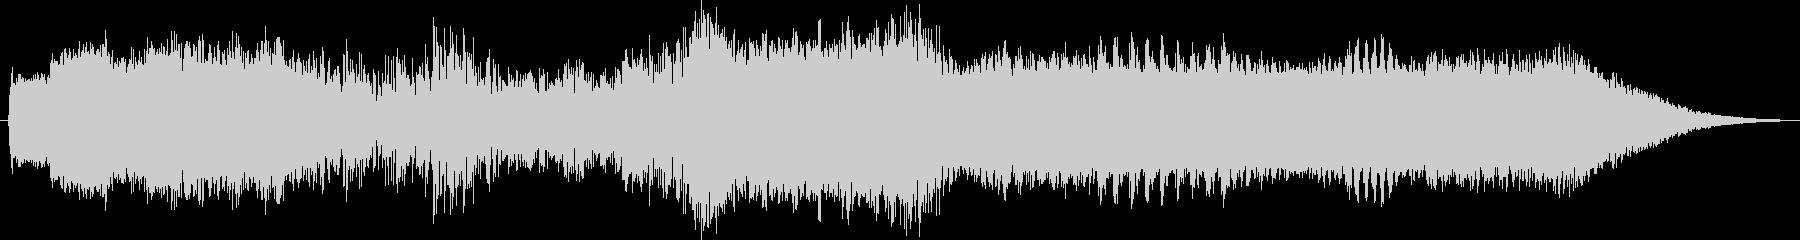 歪んだデジタルスキャンによる高速テ...の未再生の波形